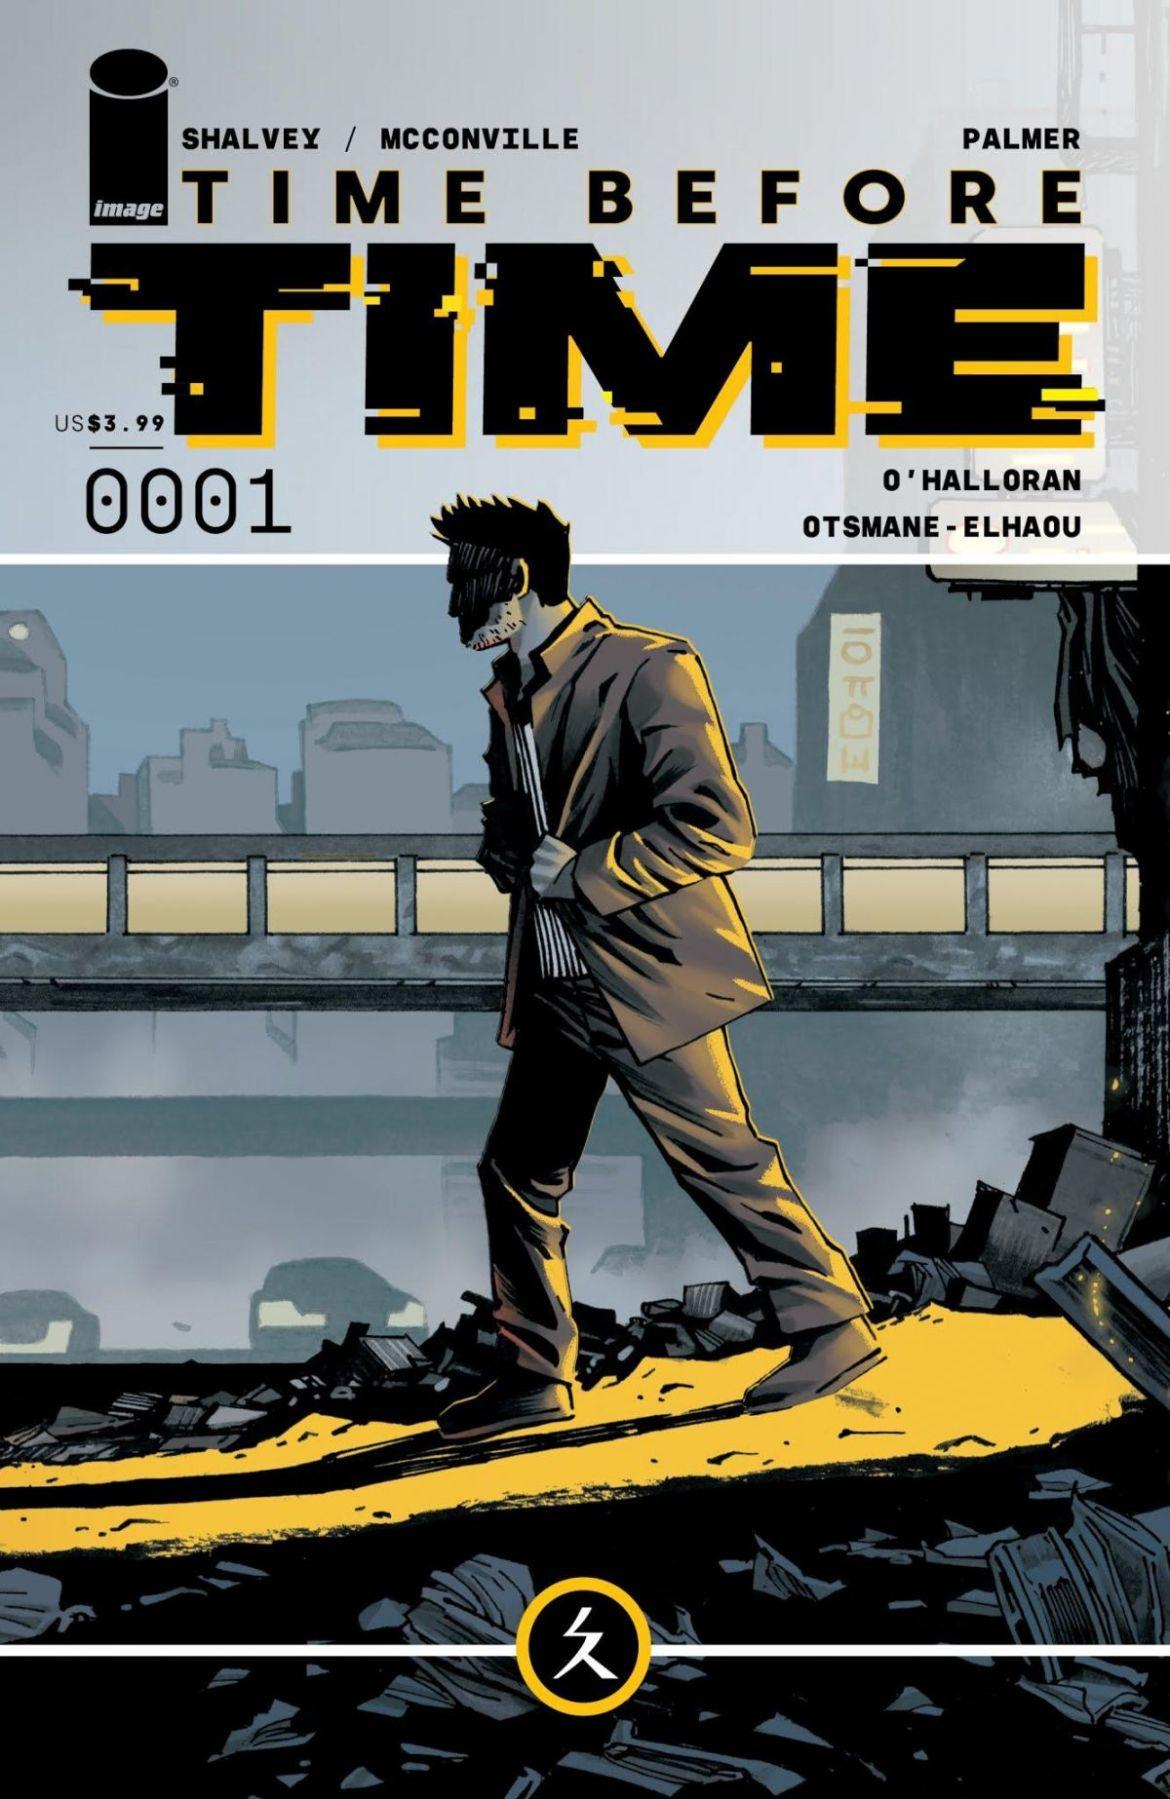 TBT-01-2ndP_CVR-FC_c6815a0147f8285e3b5042ebb3626151 ComicList: Image Comics New Releases for 06/16/2021